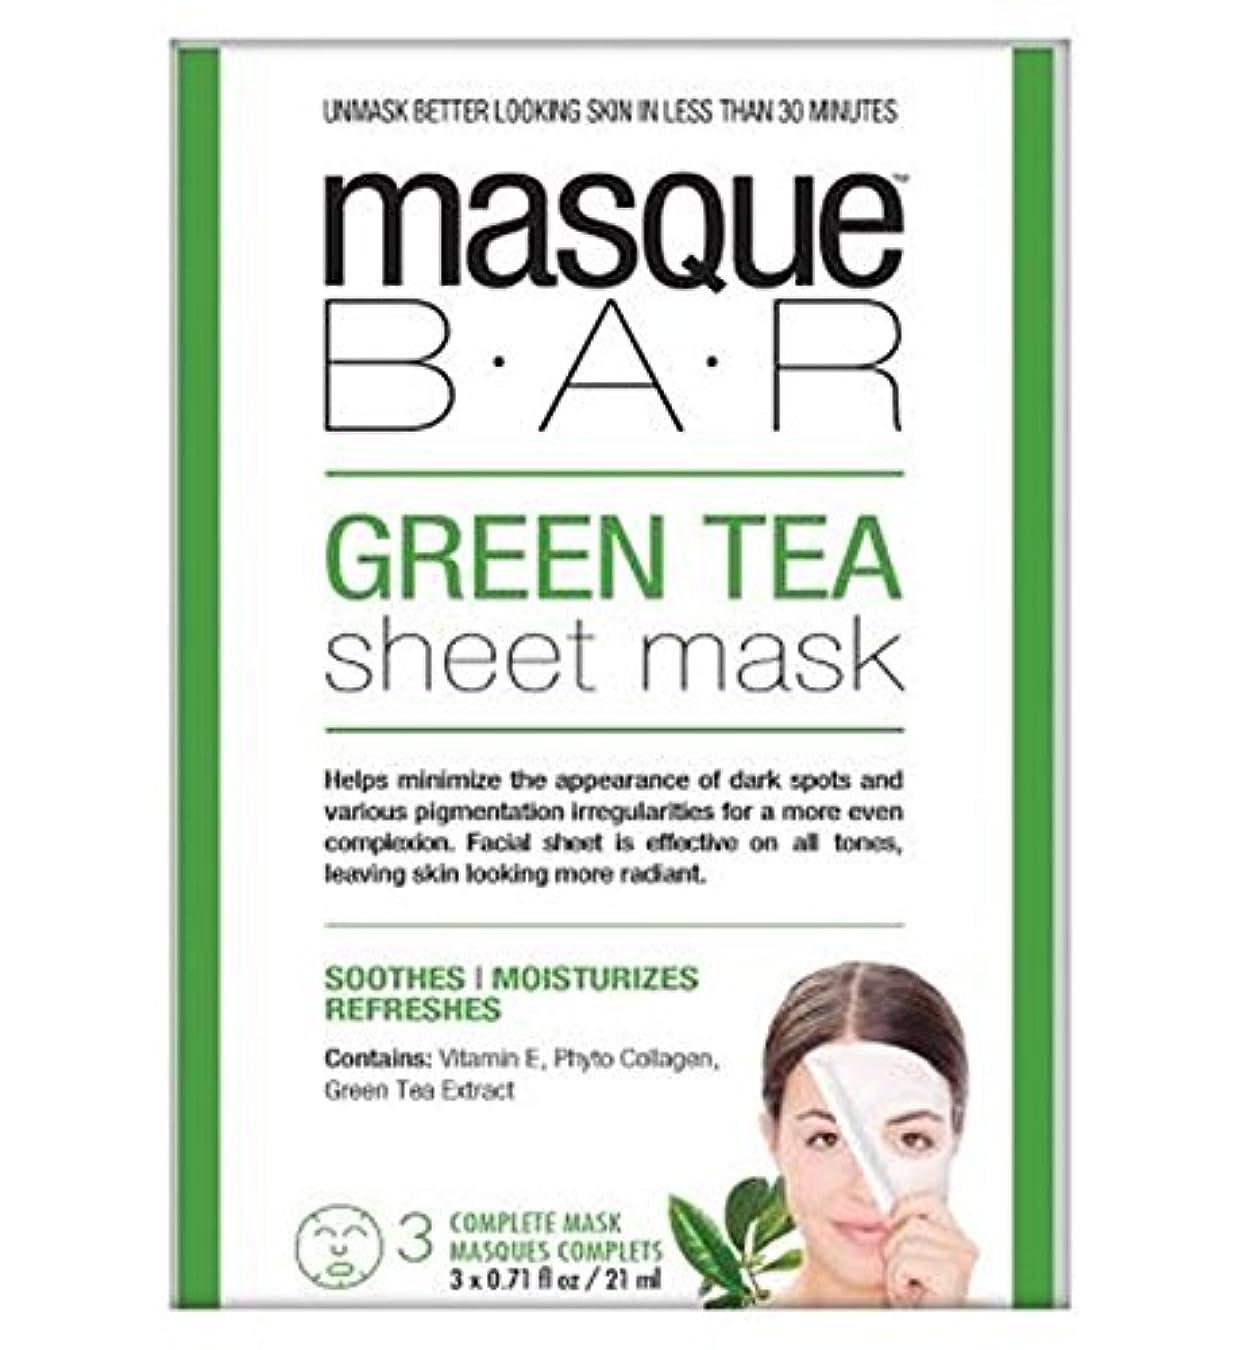 省アジア人座る仮面劇バー緑茶シートマスク - 3完全なマスク (P6B Masque Bar Bt) (x2) - Masque Bar Green Tea Sheet Mask - 3 complete masks (Pack of...